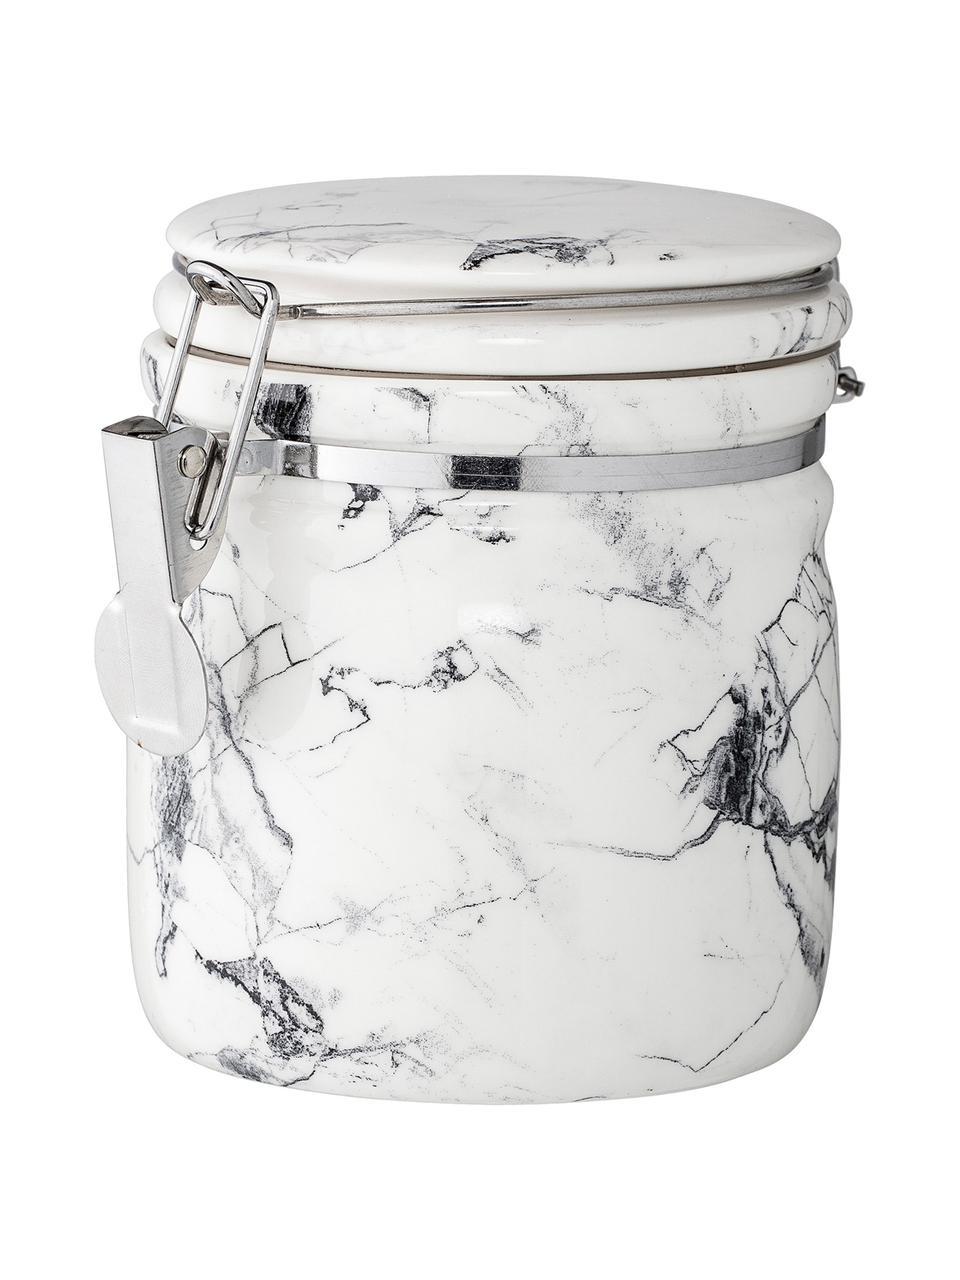 Contenitore con coperchio White Marble, Contenitore: porcellana, Bianco, nero, marmo, Ø 10 x Alt. 12 cm